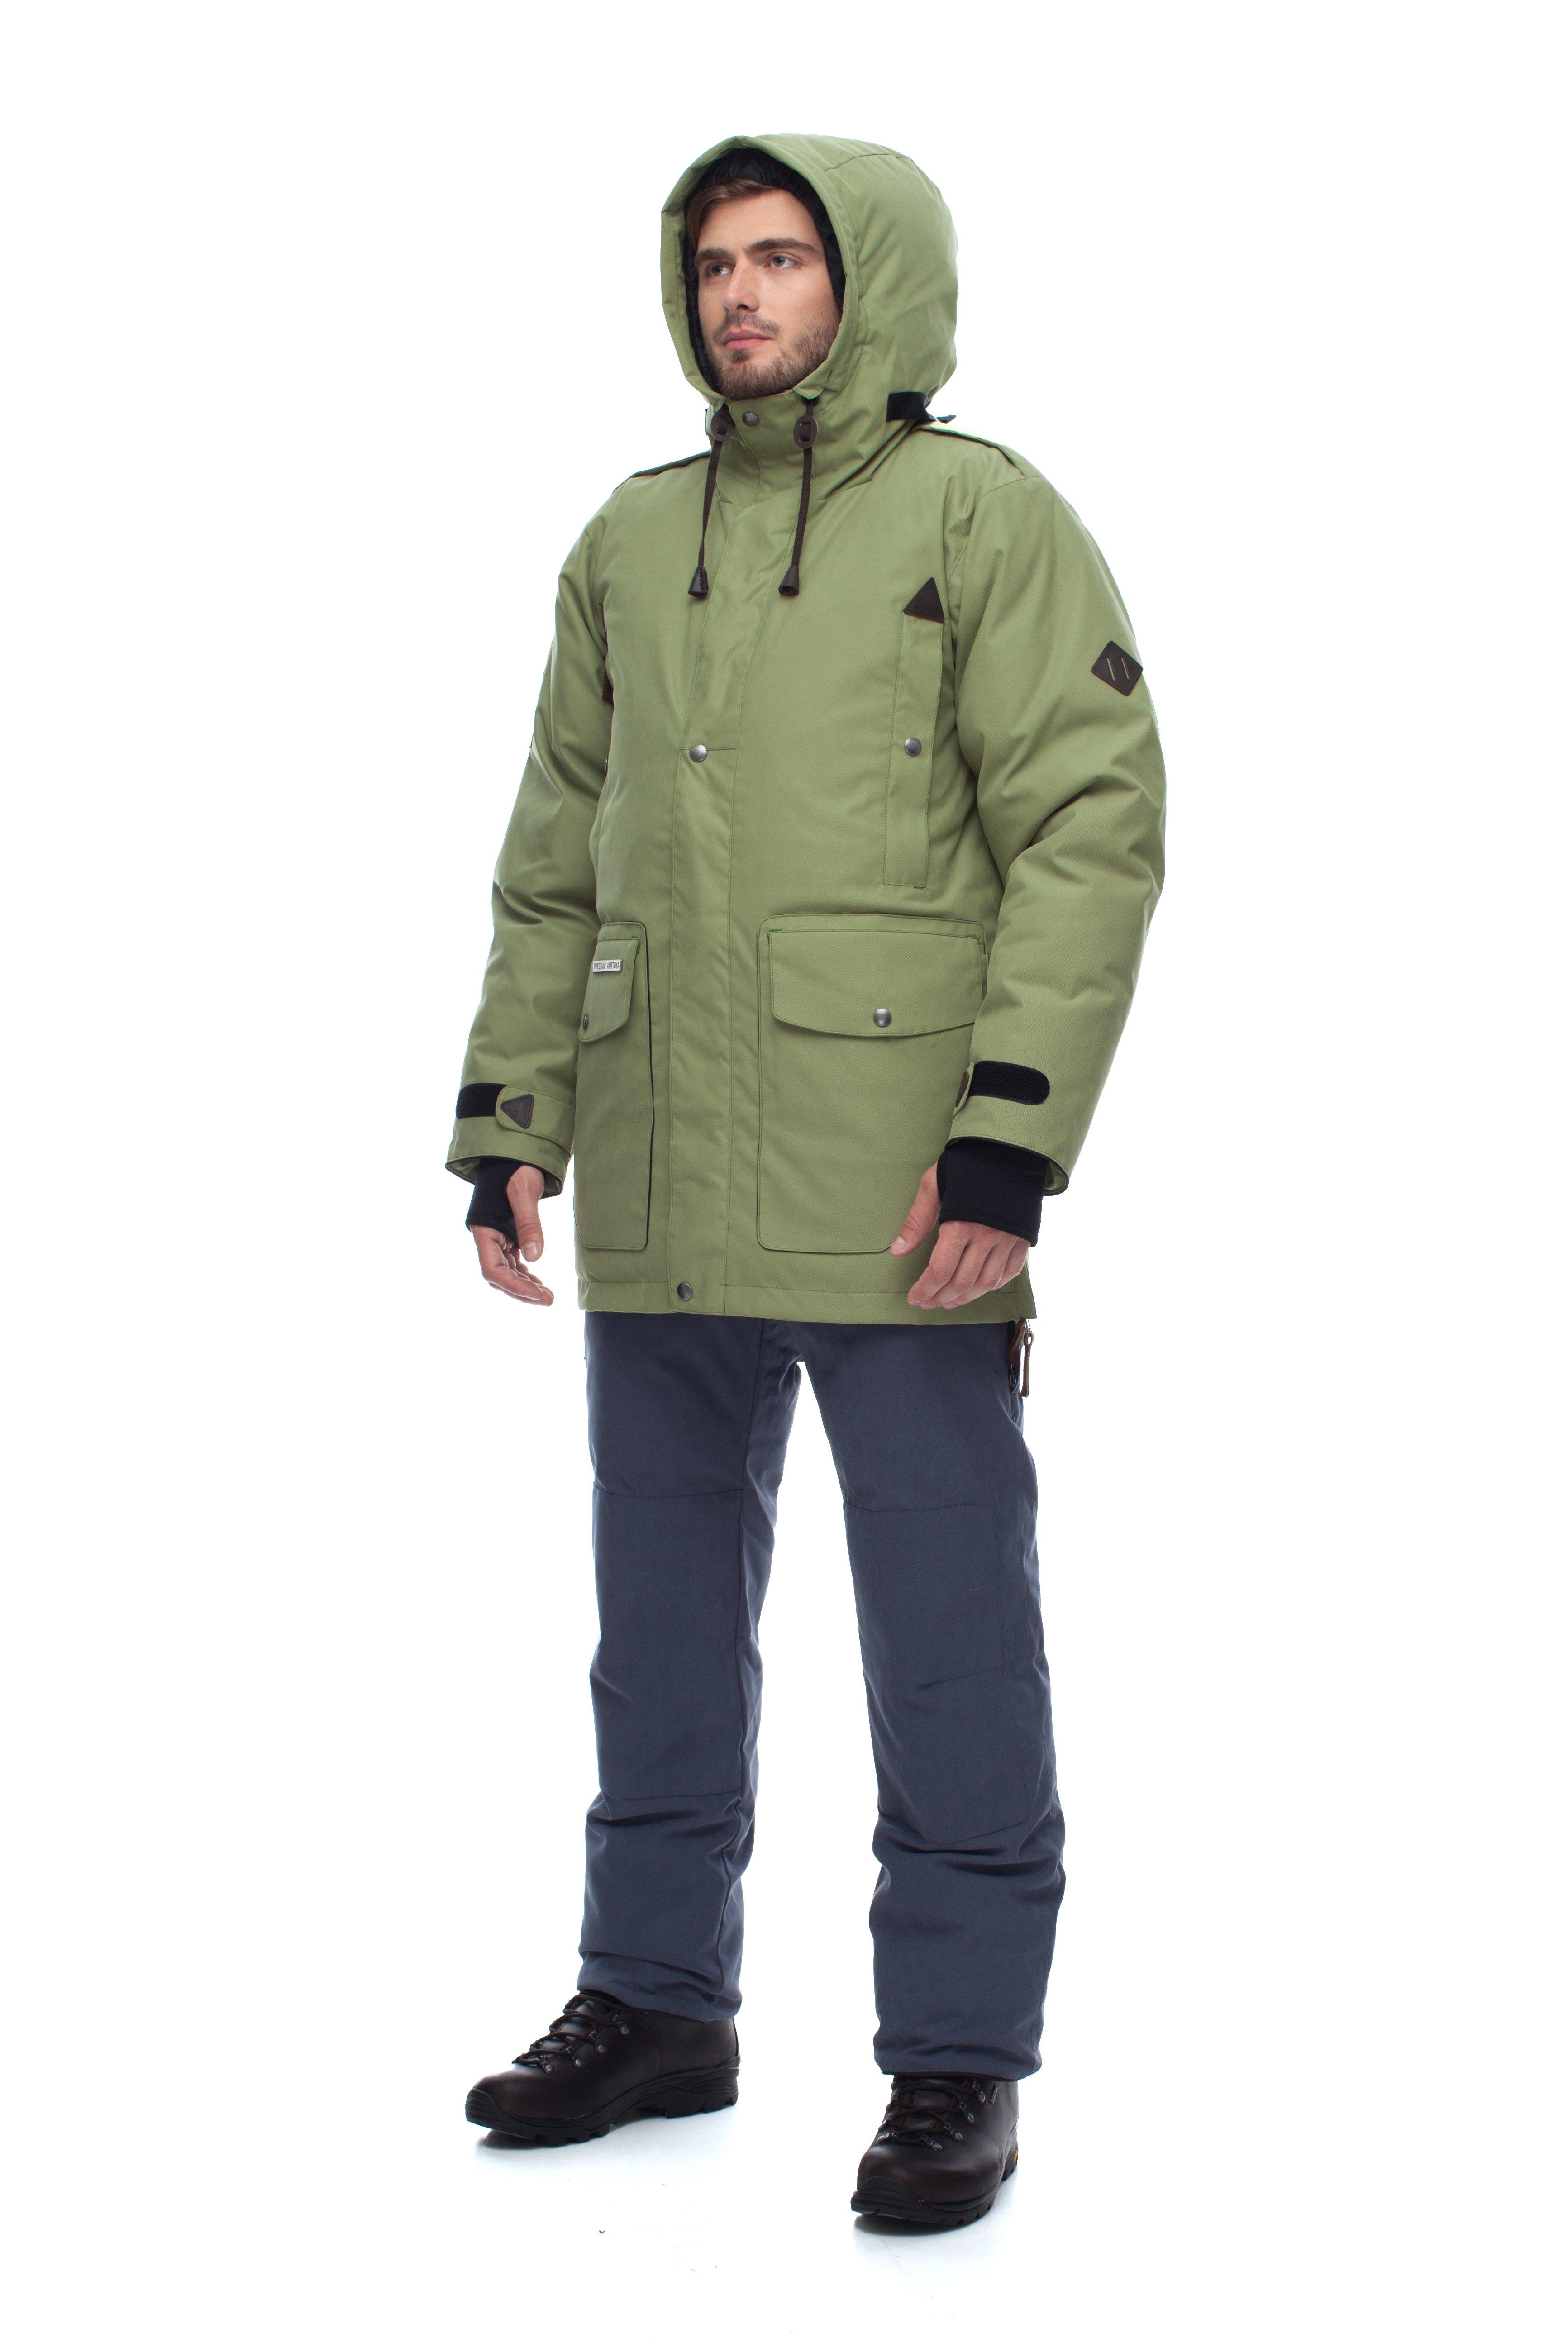 Пуховая куртка BASK PUTORANA HARD 3774Куртки<br><br><br>Верхняя ткань: Advance® Alaska<br>Вес граммы: 2155<br>Вес утеплителя: 400<br>Ветро-влагозащитные свойства верхней ткани: Да<br>Ветрозащитная планка: Да<br>Ветрозащитная юбка: Нет<br>Влагозащитные молнии: Нет<br>Внутренние манжеты: Да<br>Внутренняя ткань: Advance® Classic<br>Водонепроницаемость: 5000<br>Дублирующий центральную молнию клапан: Да<br>Защитный козырёк капюшона: Нет<br>Капюшон: Несъемный<br>Карман для средств связи: Нет<br>Количество внешних карманов: 8<br>Количество внутренних карманов: 2<br>Мембрана: Да<br>Объемный крой локтевой зоны: Нет<br>Отстёгивающиеся рукава: Нет<br>Паропроницаемость: 5000<br>Показатель Fill Power (для пуховых изделий): 650<br>Пол: Мужской<br>Проклейка швов: Нет<br>Регулировка манжетов рукавов: Да<br>Регулировка низа: Нет<br>Регулировка объёма капюшона: Да<br>Регулировка талии: Да<br>Регулируемые вентиляционные отверстия: Нет<br>Световозвращающая лента: Нет<br>Температурный режим: -35<br>Технология Thermal Welding: Нет<br>Технология швов: Простые<br>Тип молнии: Двухзамковая<br>Тип утеплителя: Натуральный<br>Ткань усиления: нет<br>Усиление контактных зон: Нет<br>Утеплитель: Гусиный пух<br>Размер RU: 54<br>Цвет: ЖЕЛТЫЙ